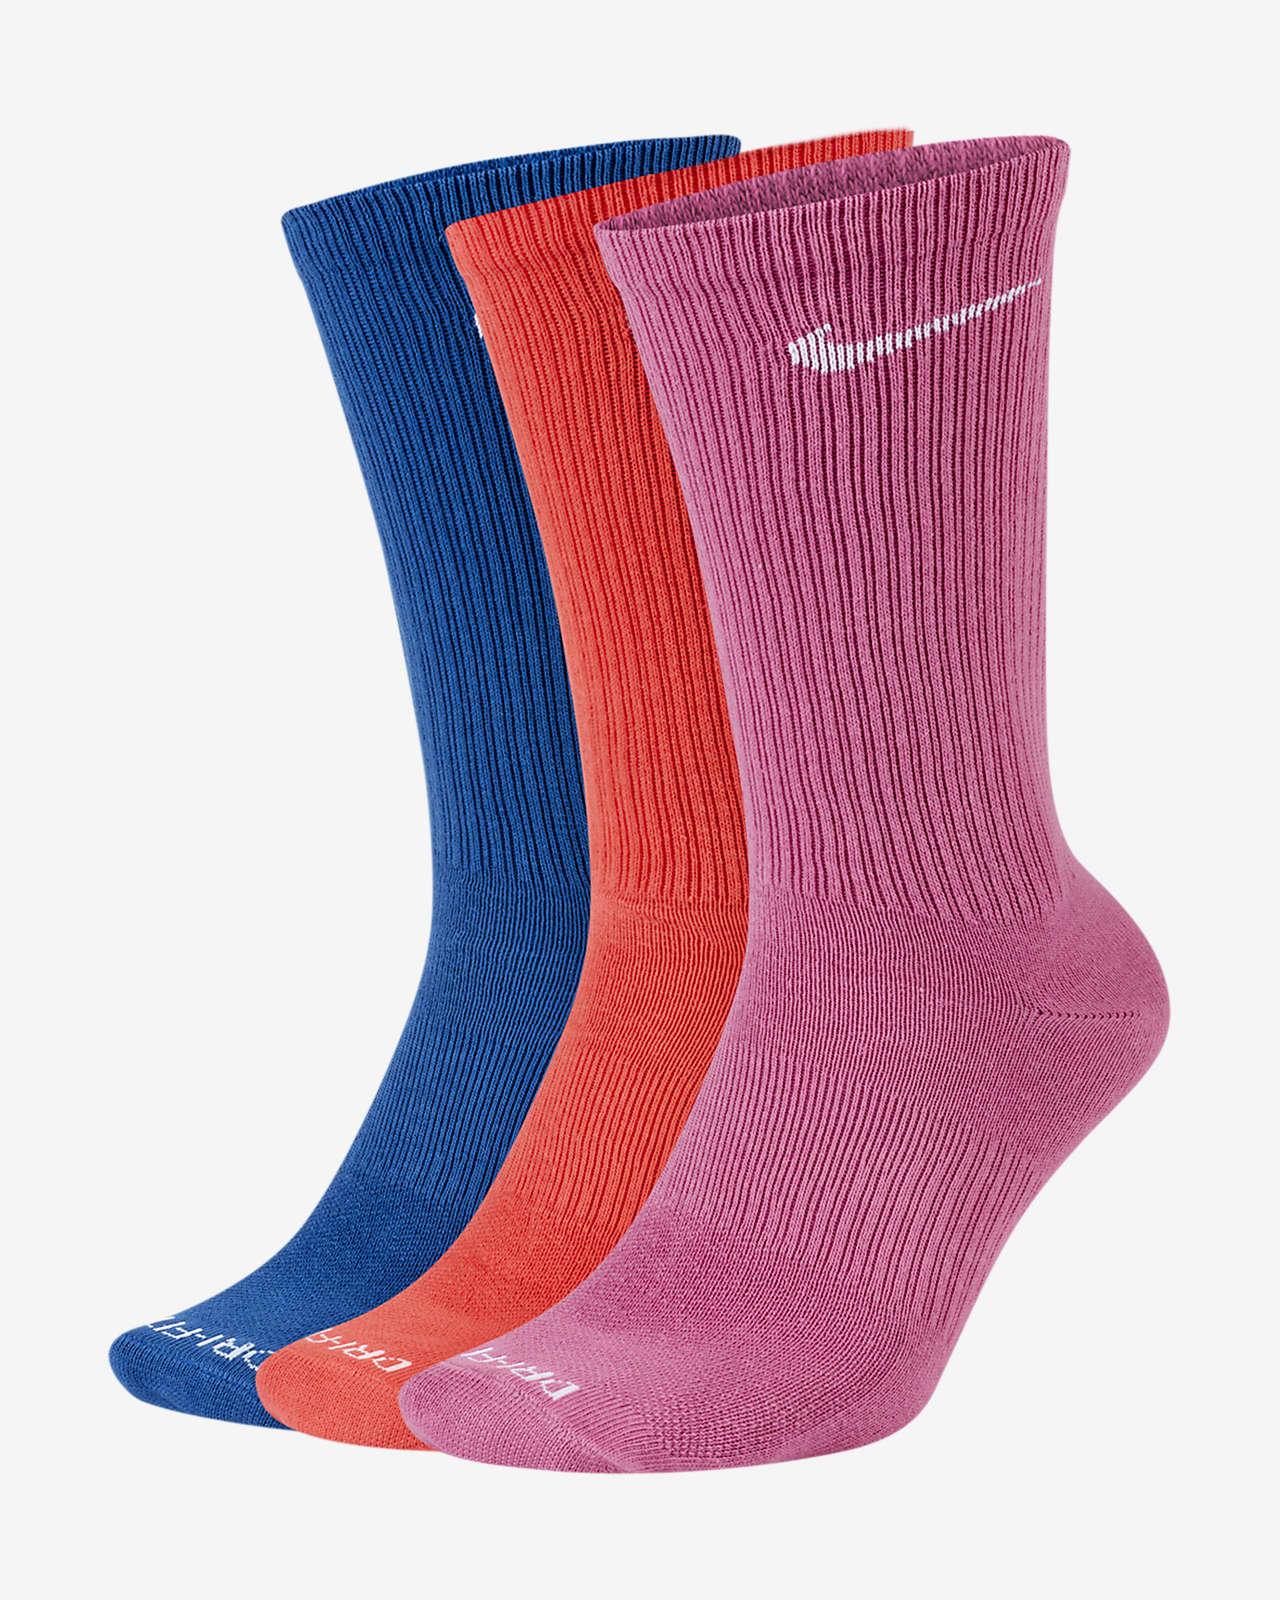 Nike Everyday Plus Lightweight Women's Training Crew Socks (3 Pairs)